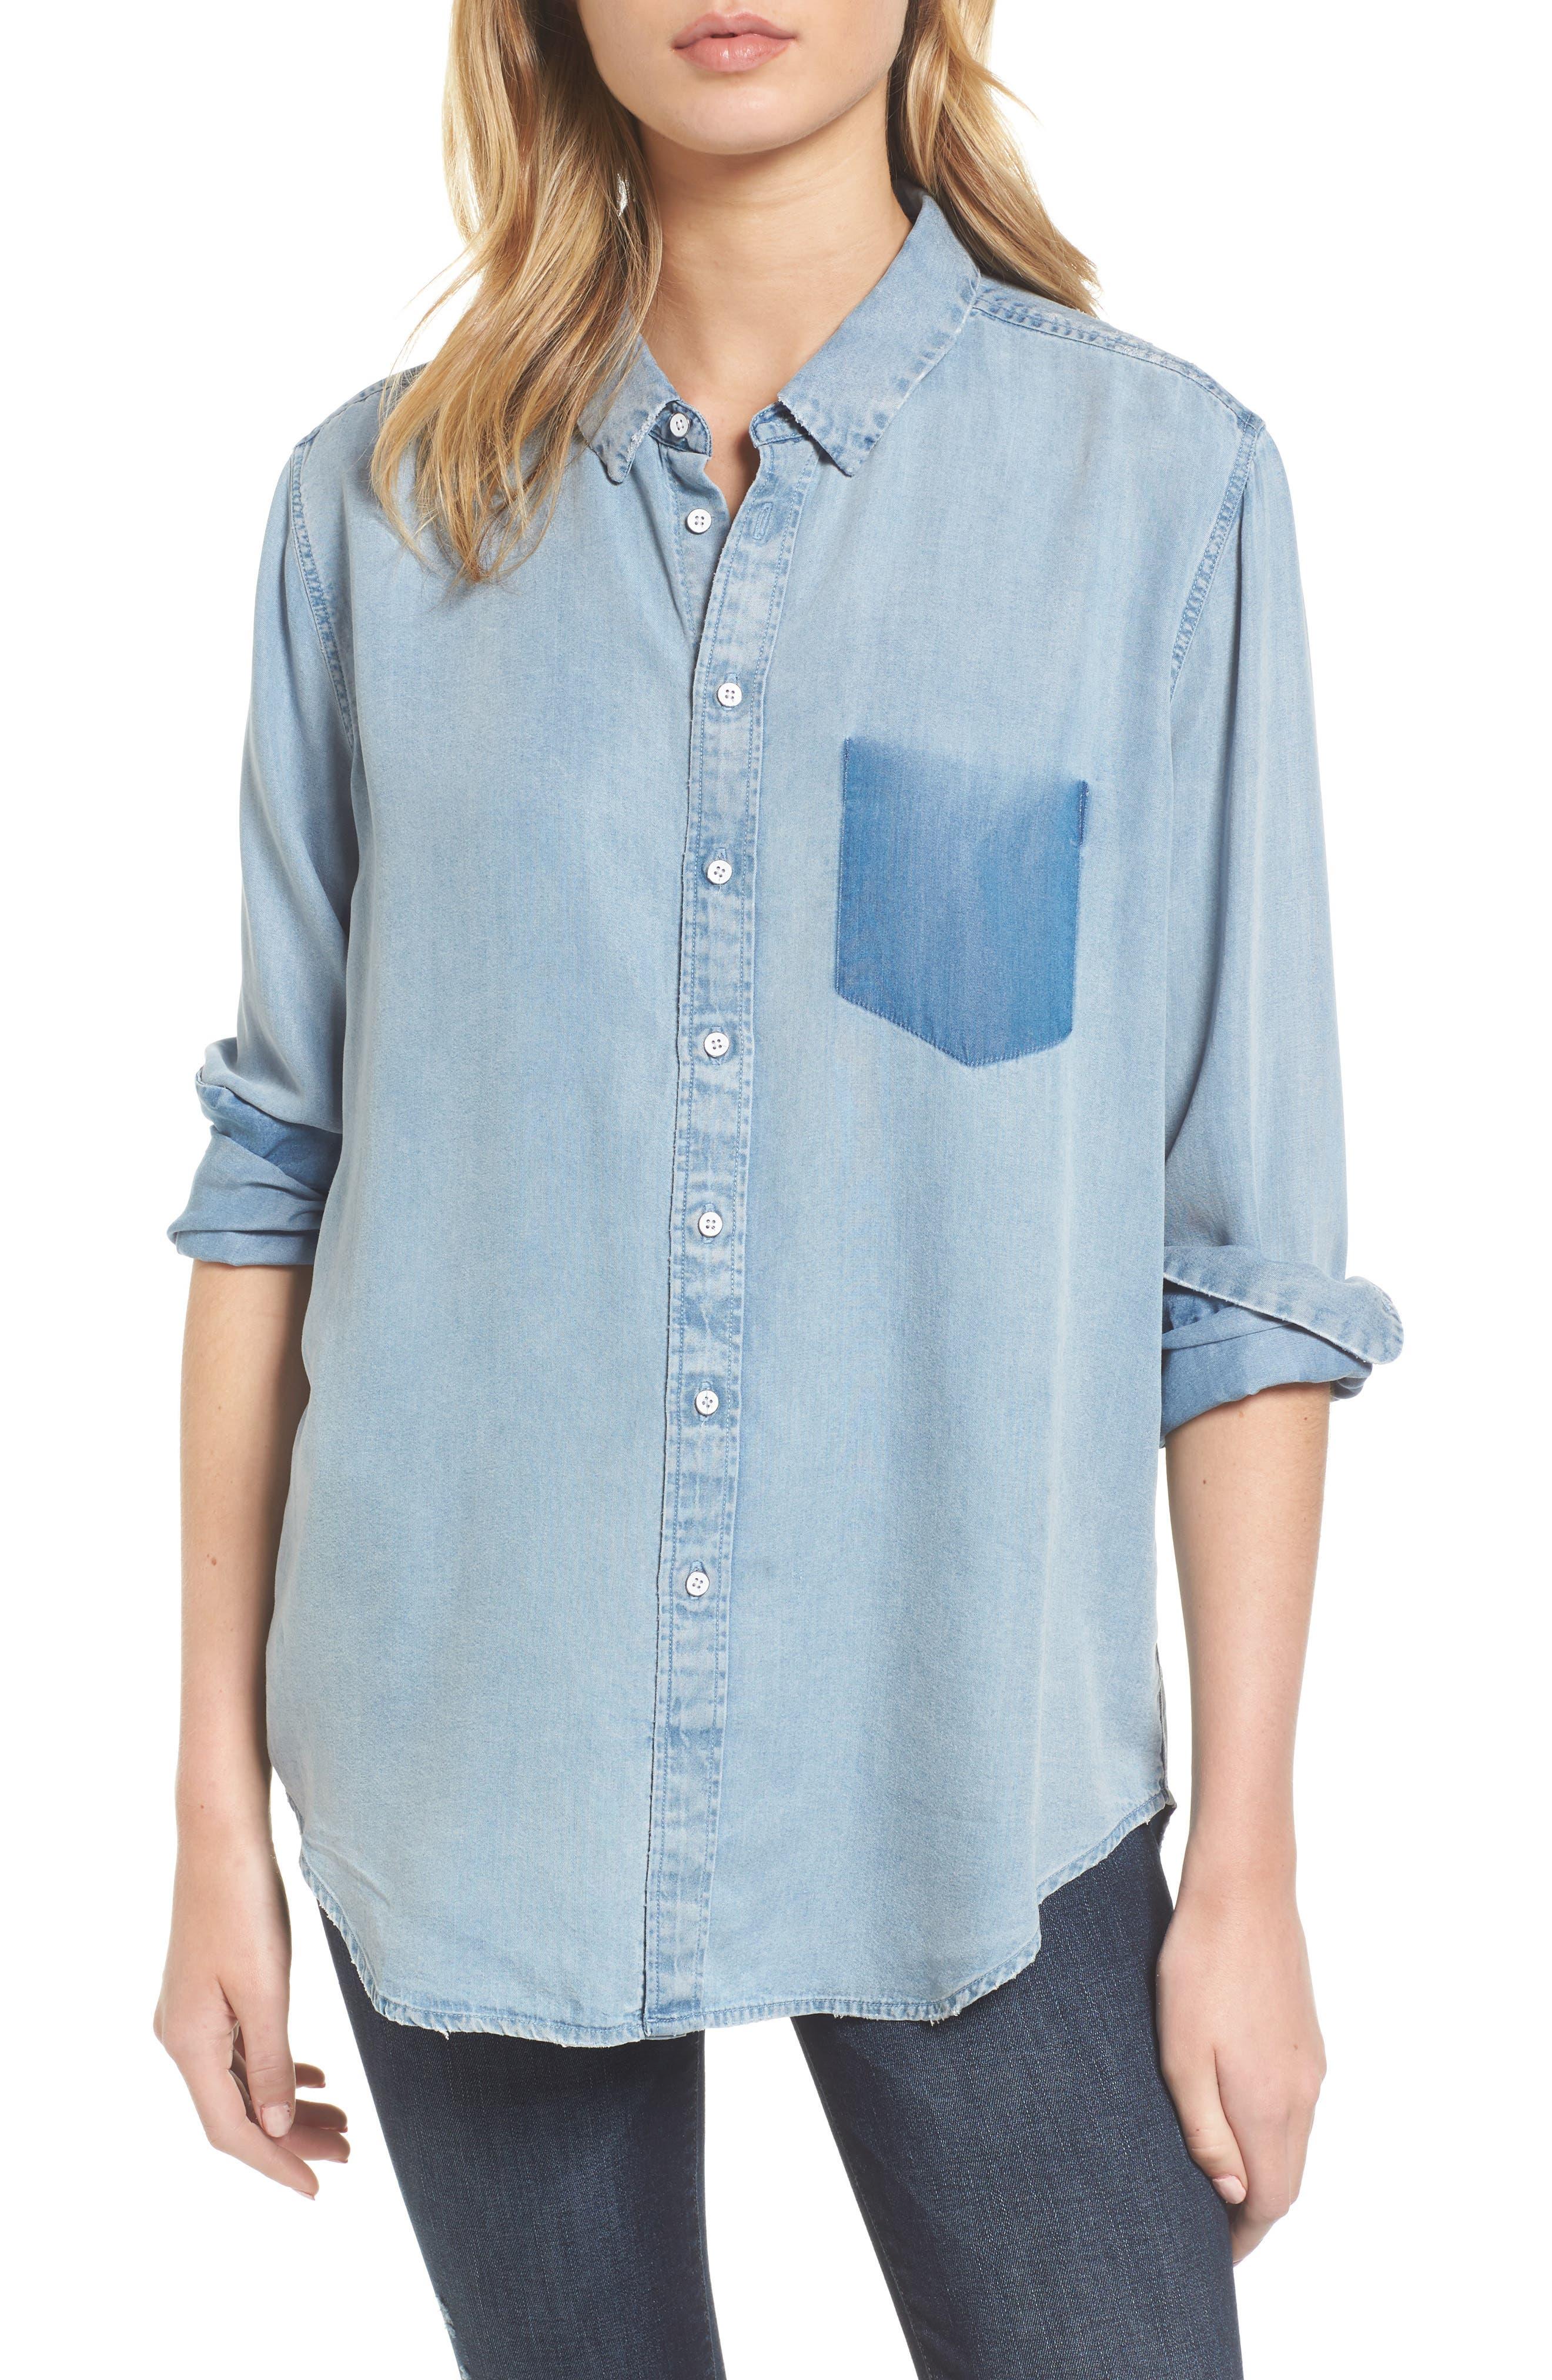 DL1961 x The Blue Shirt Shop Nassau & Manhattan Boyfriend Shirt